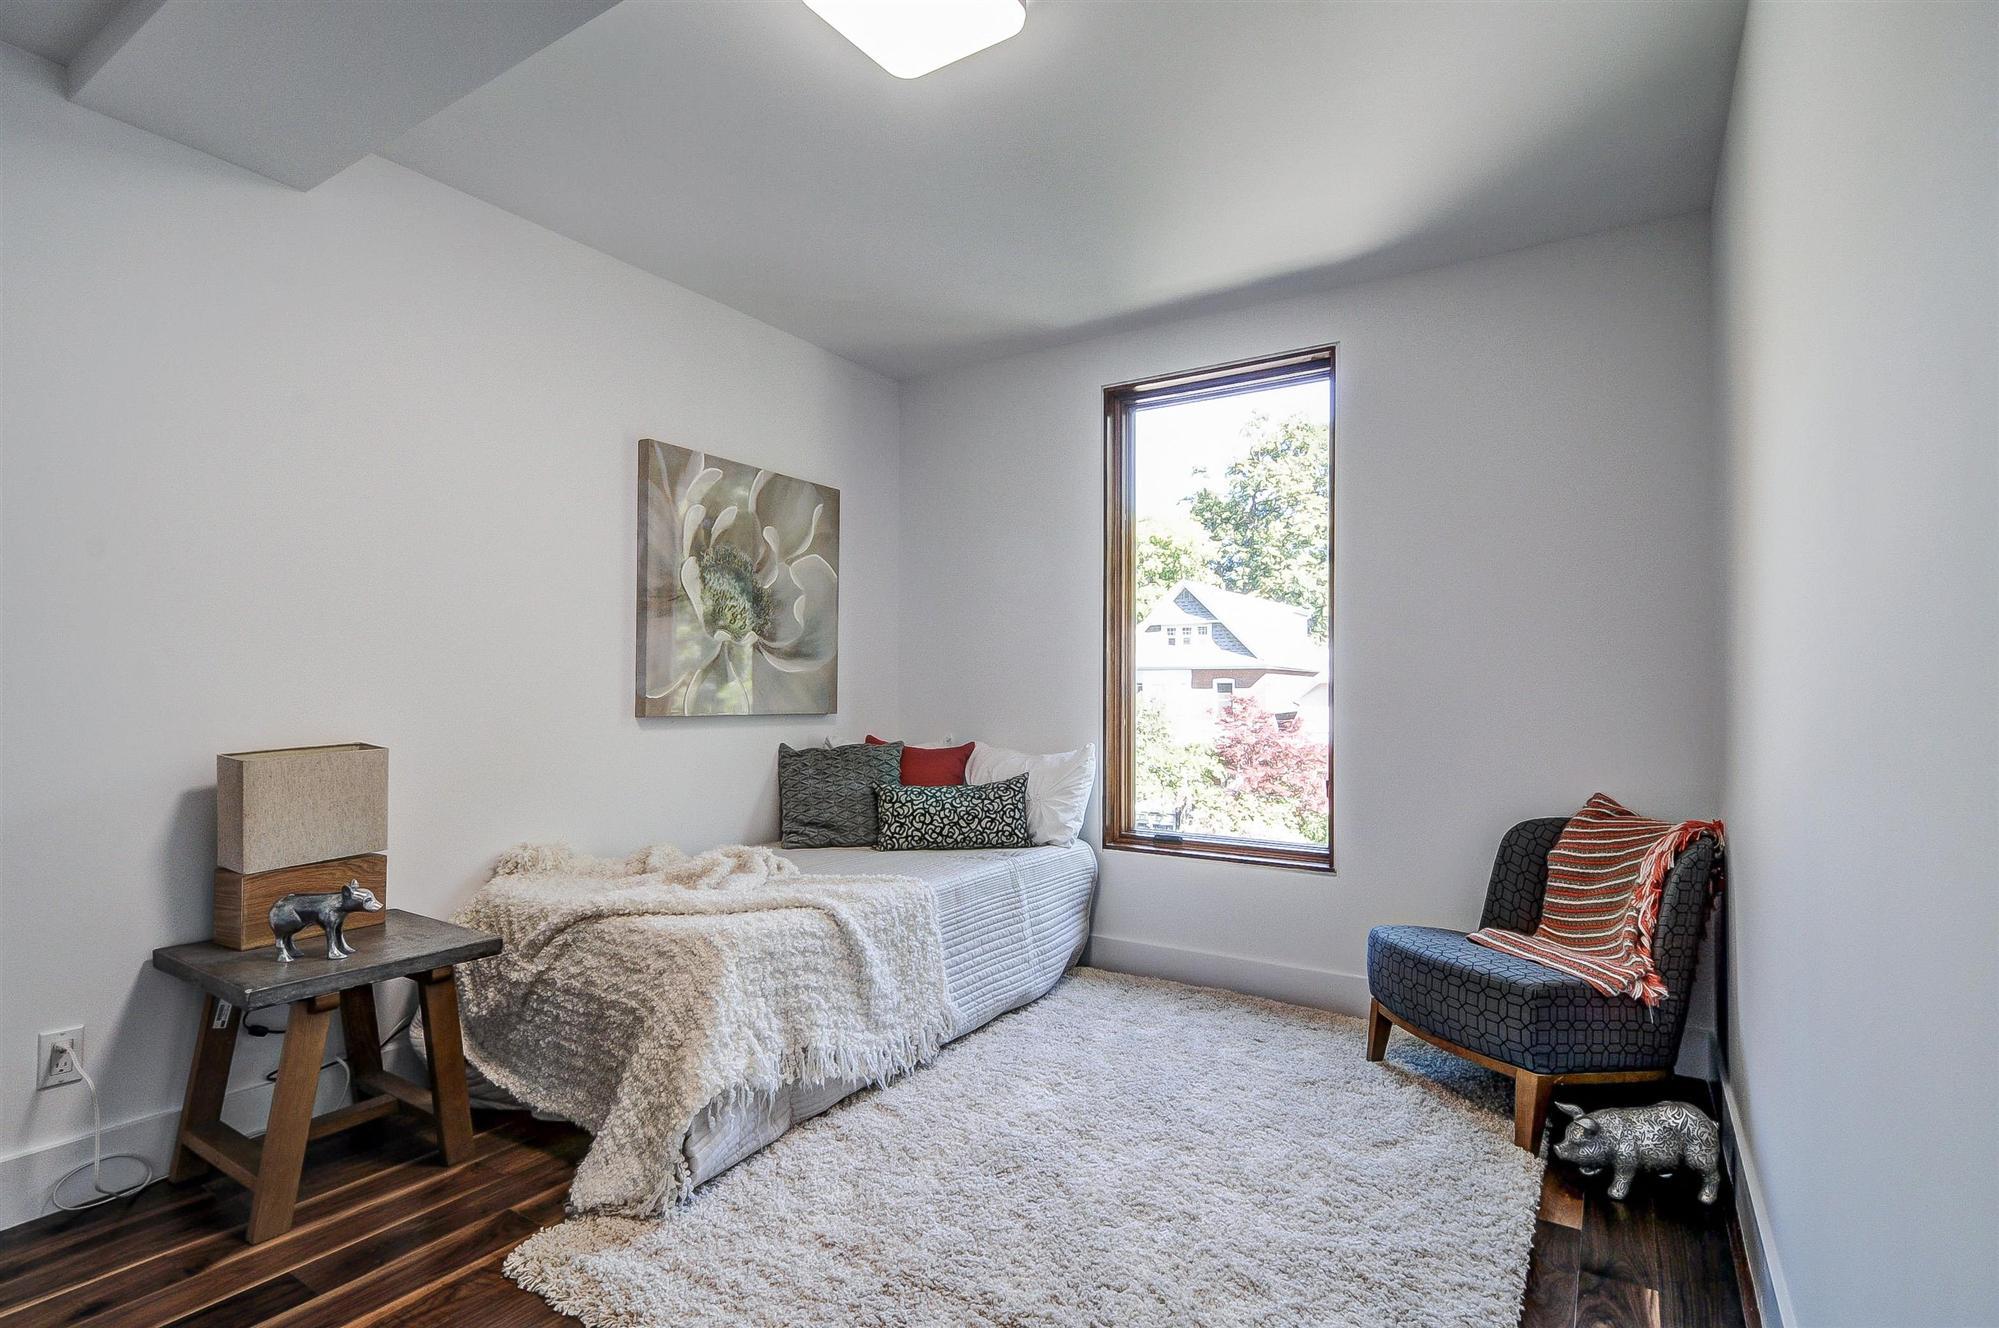 toronto-house-for-sale-32-elmer-avenue-7